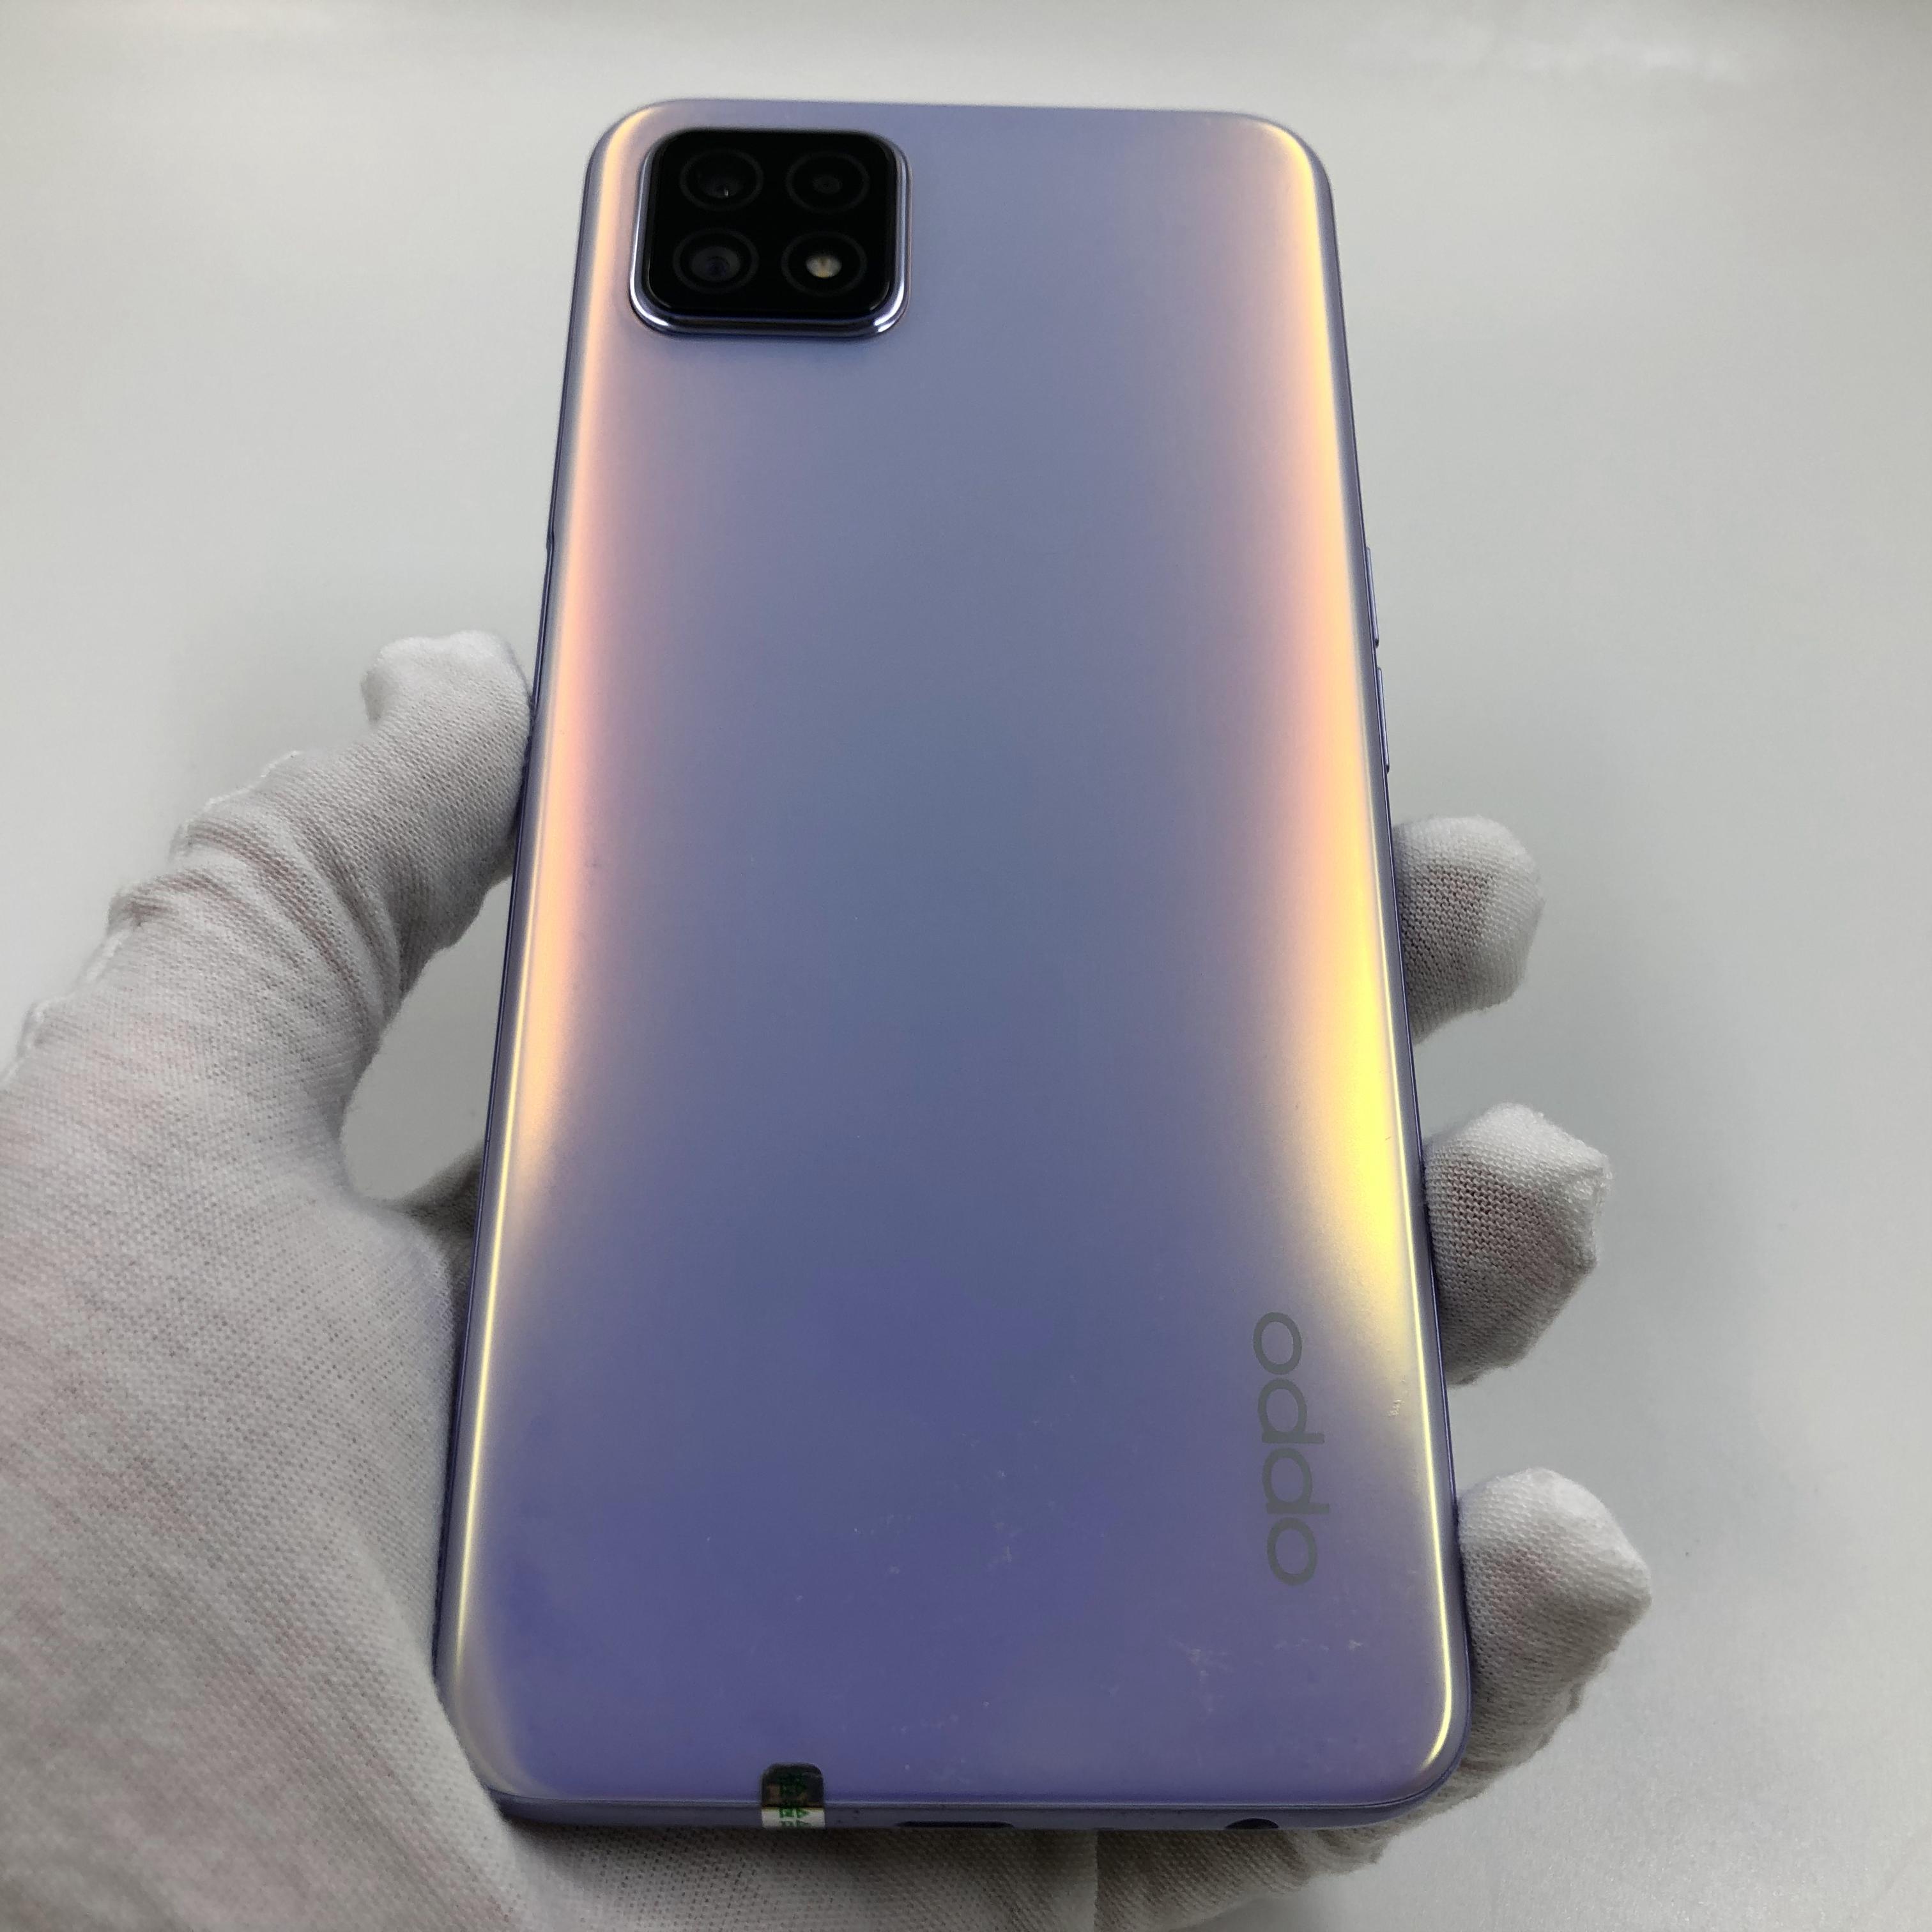 oppo【A72 5G】5G全网通 氧气紫 8G/128G 国行 95新 真机实拍